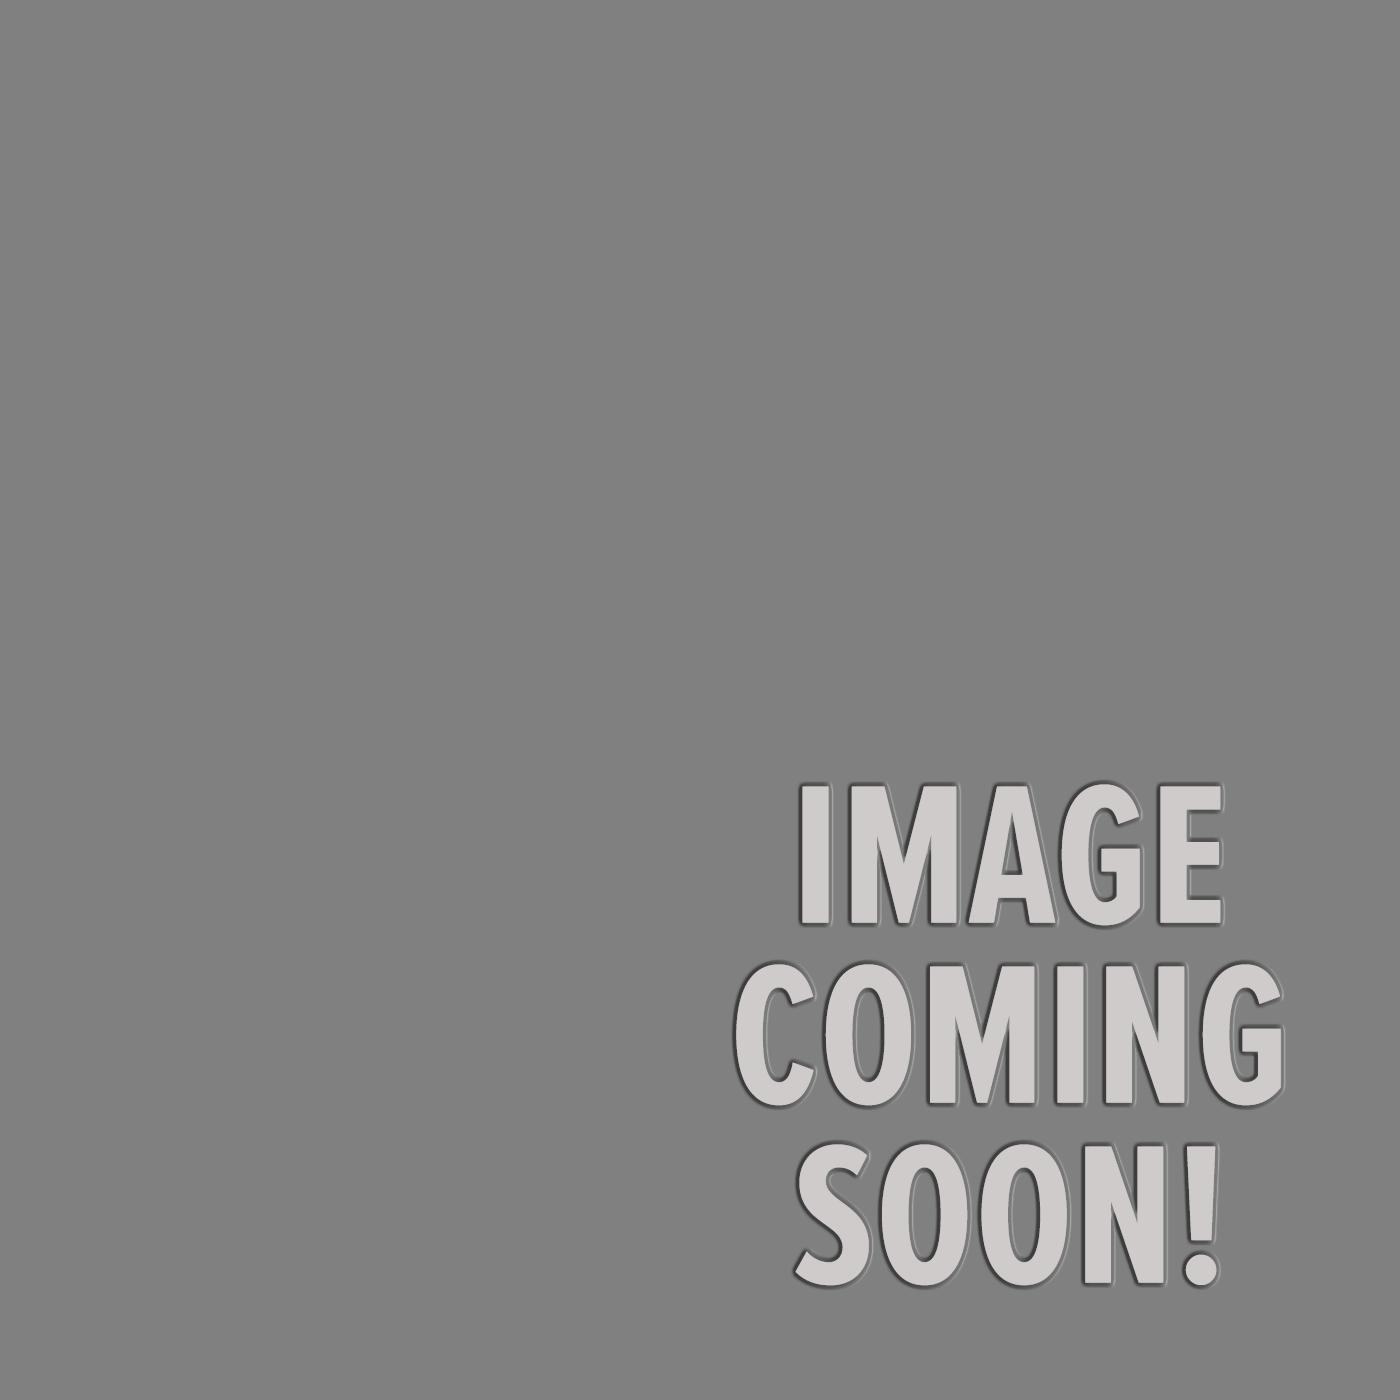 Special Extended Financing On Kramer at SamAsh.com